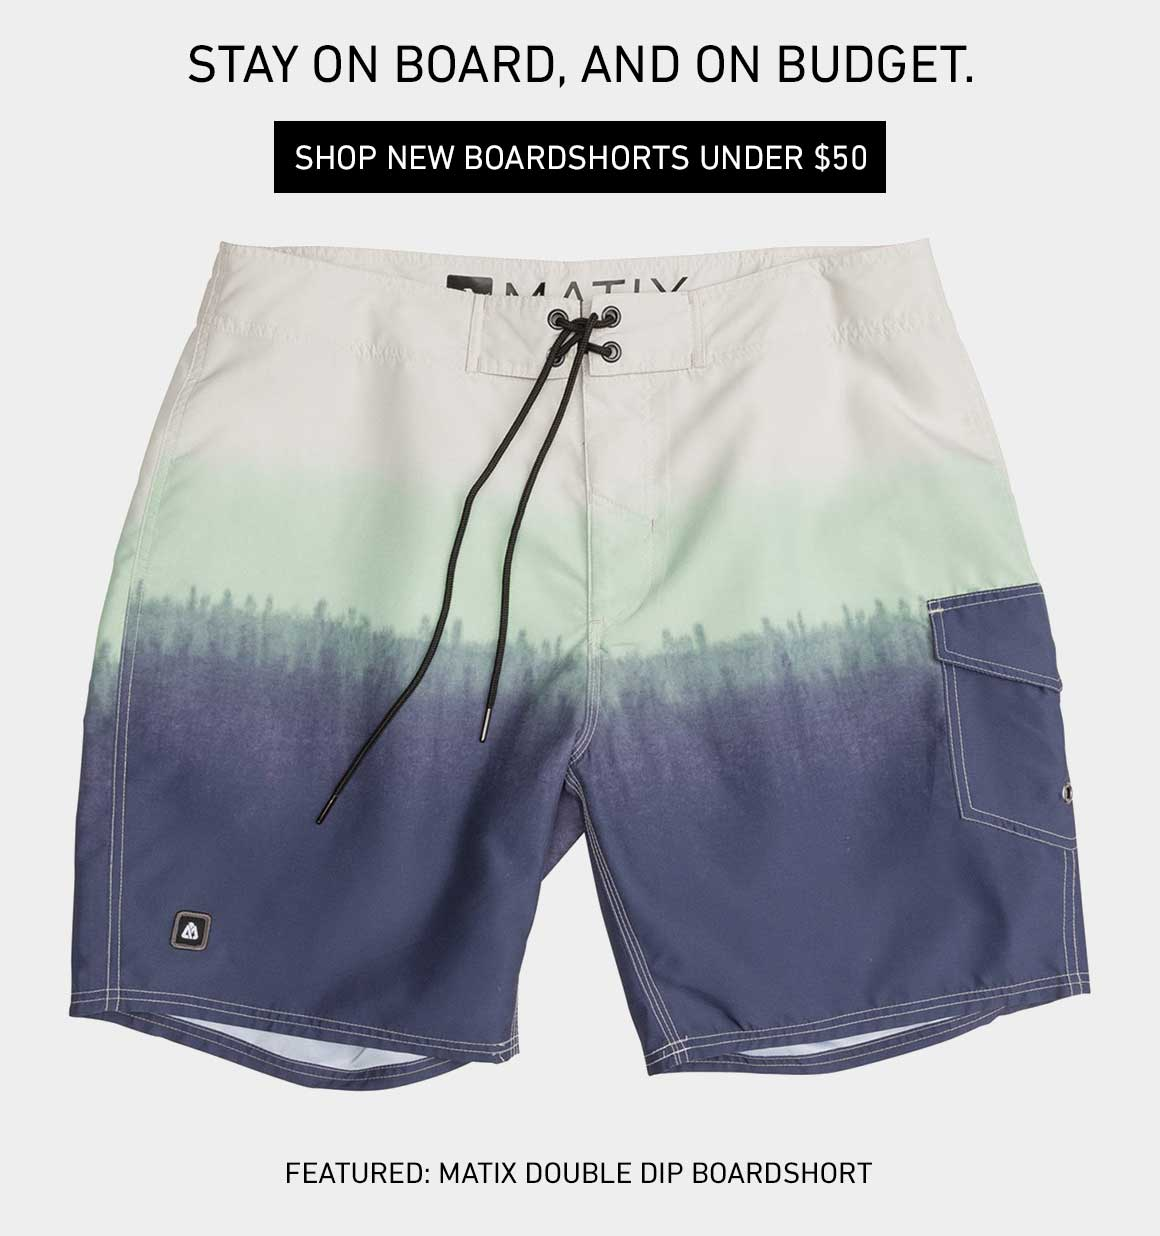 Under $50 Boardshorts